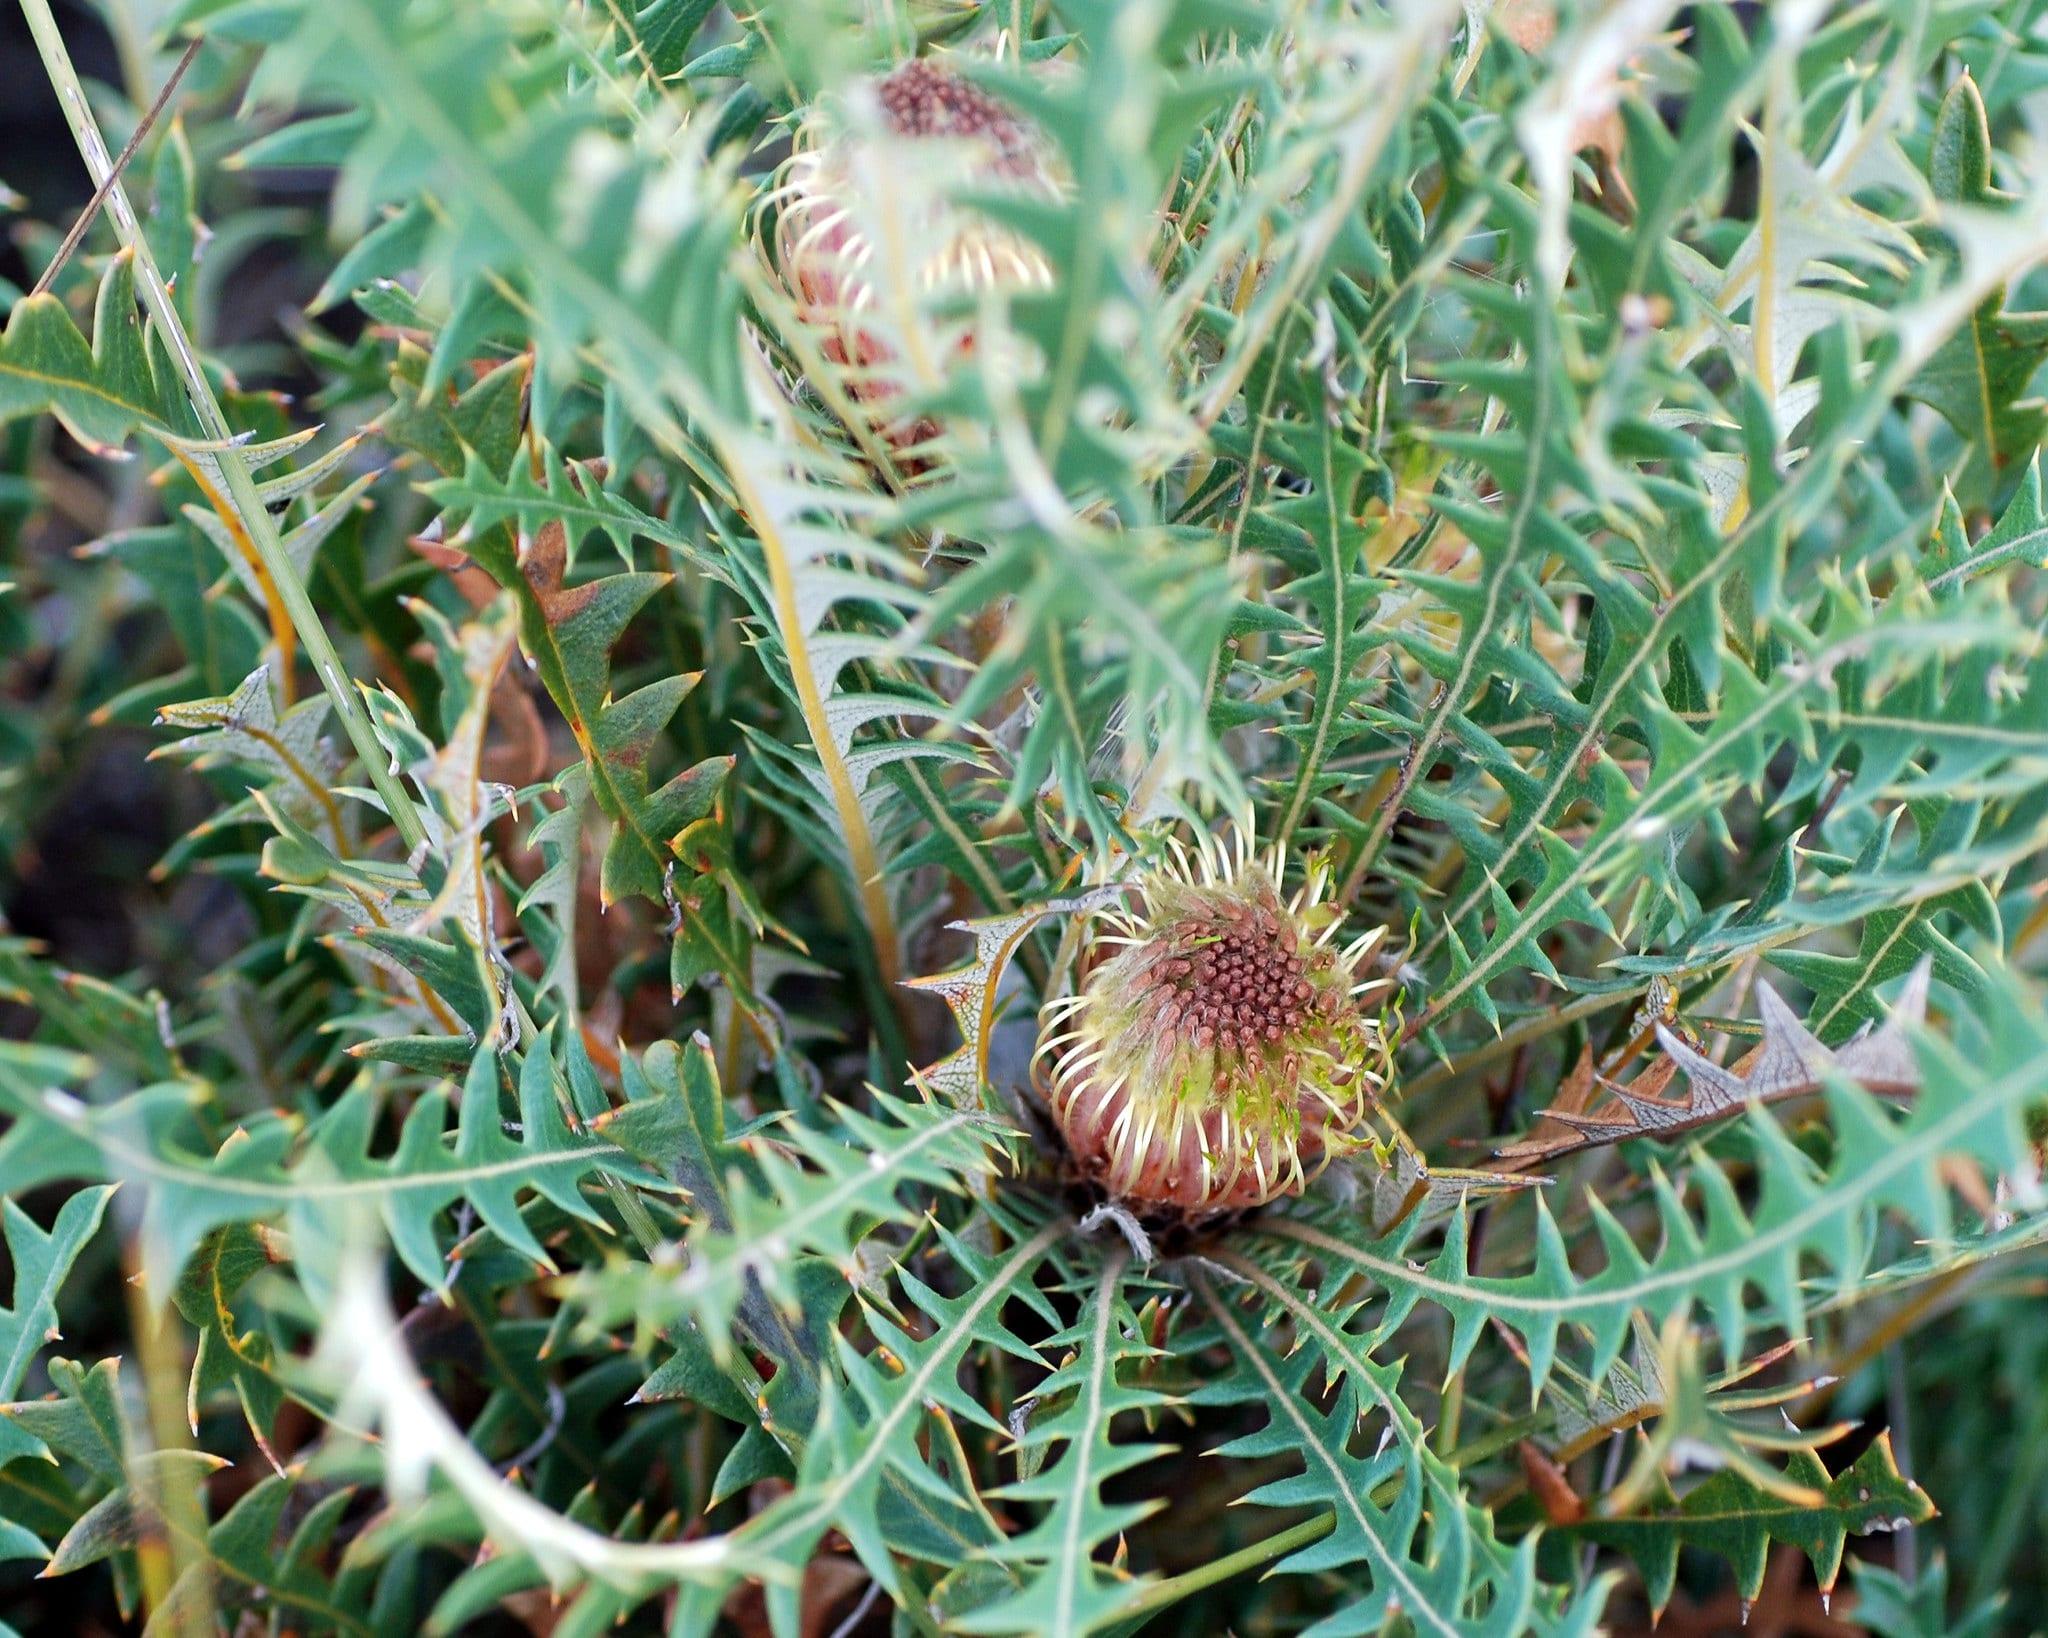 Banksia detalle de las hojas